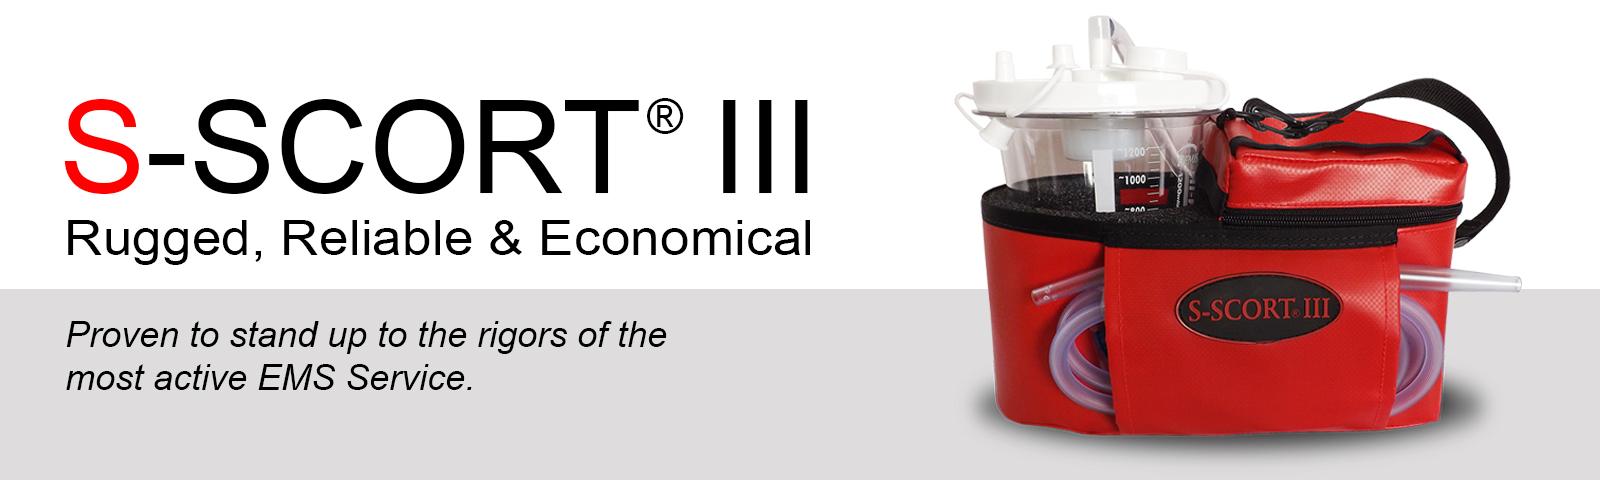 S-SCORT III